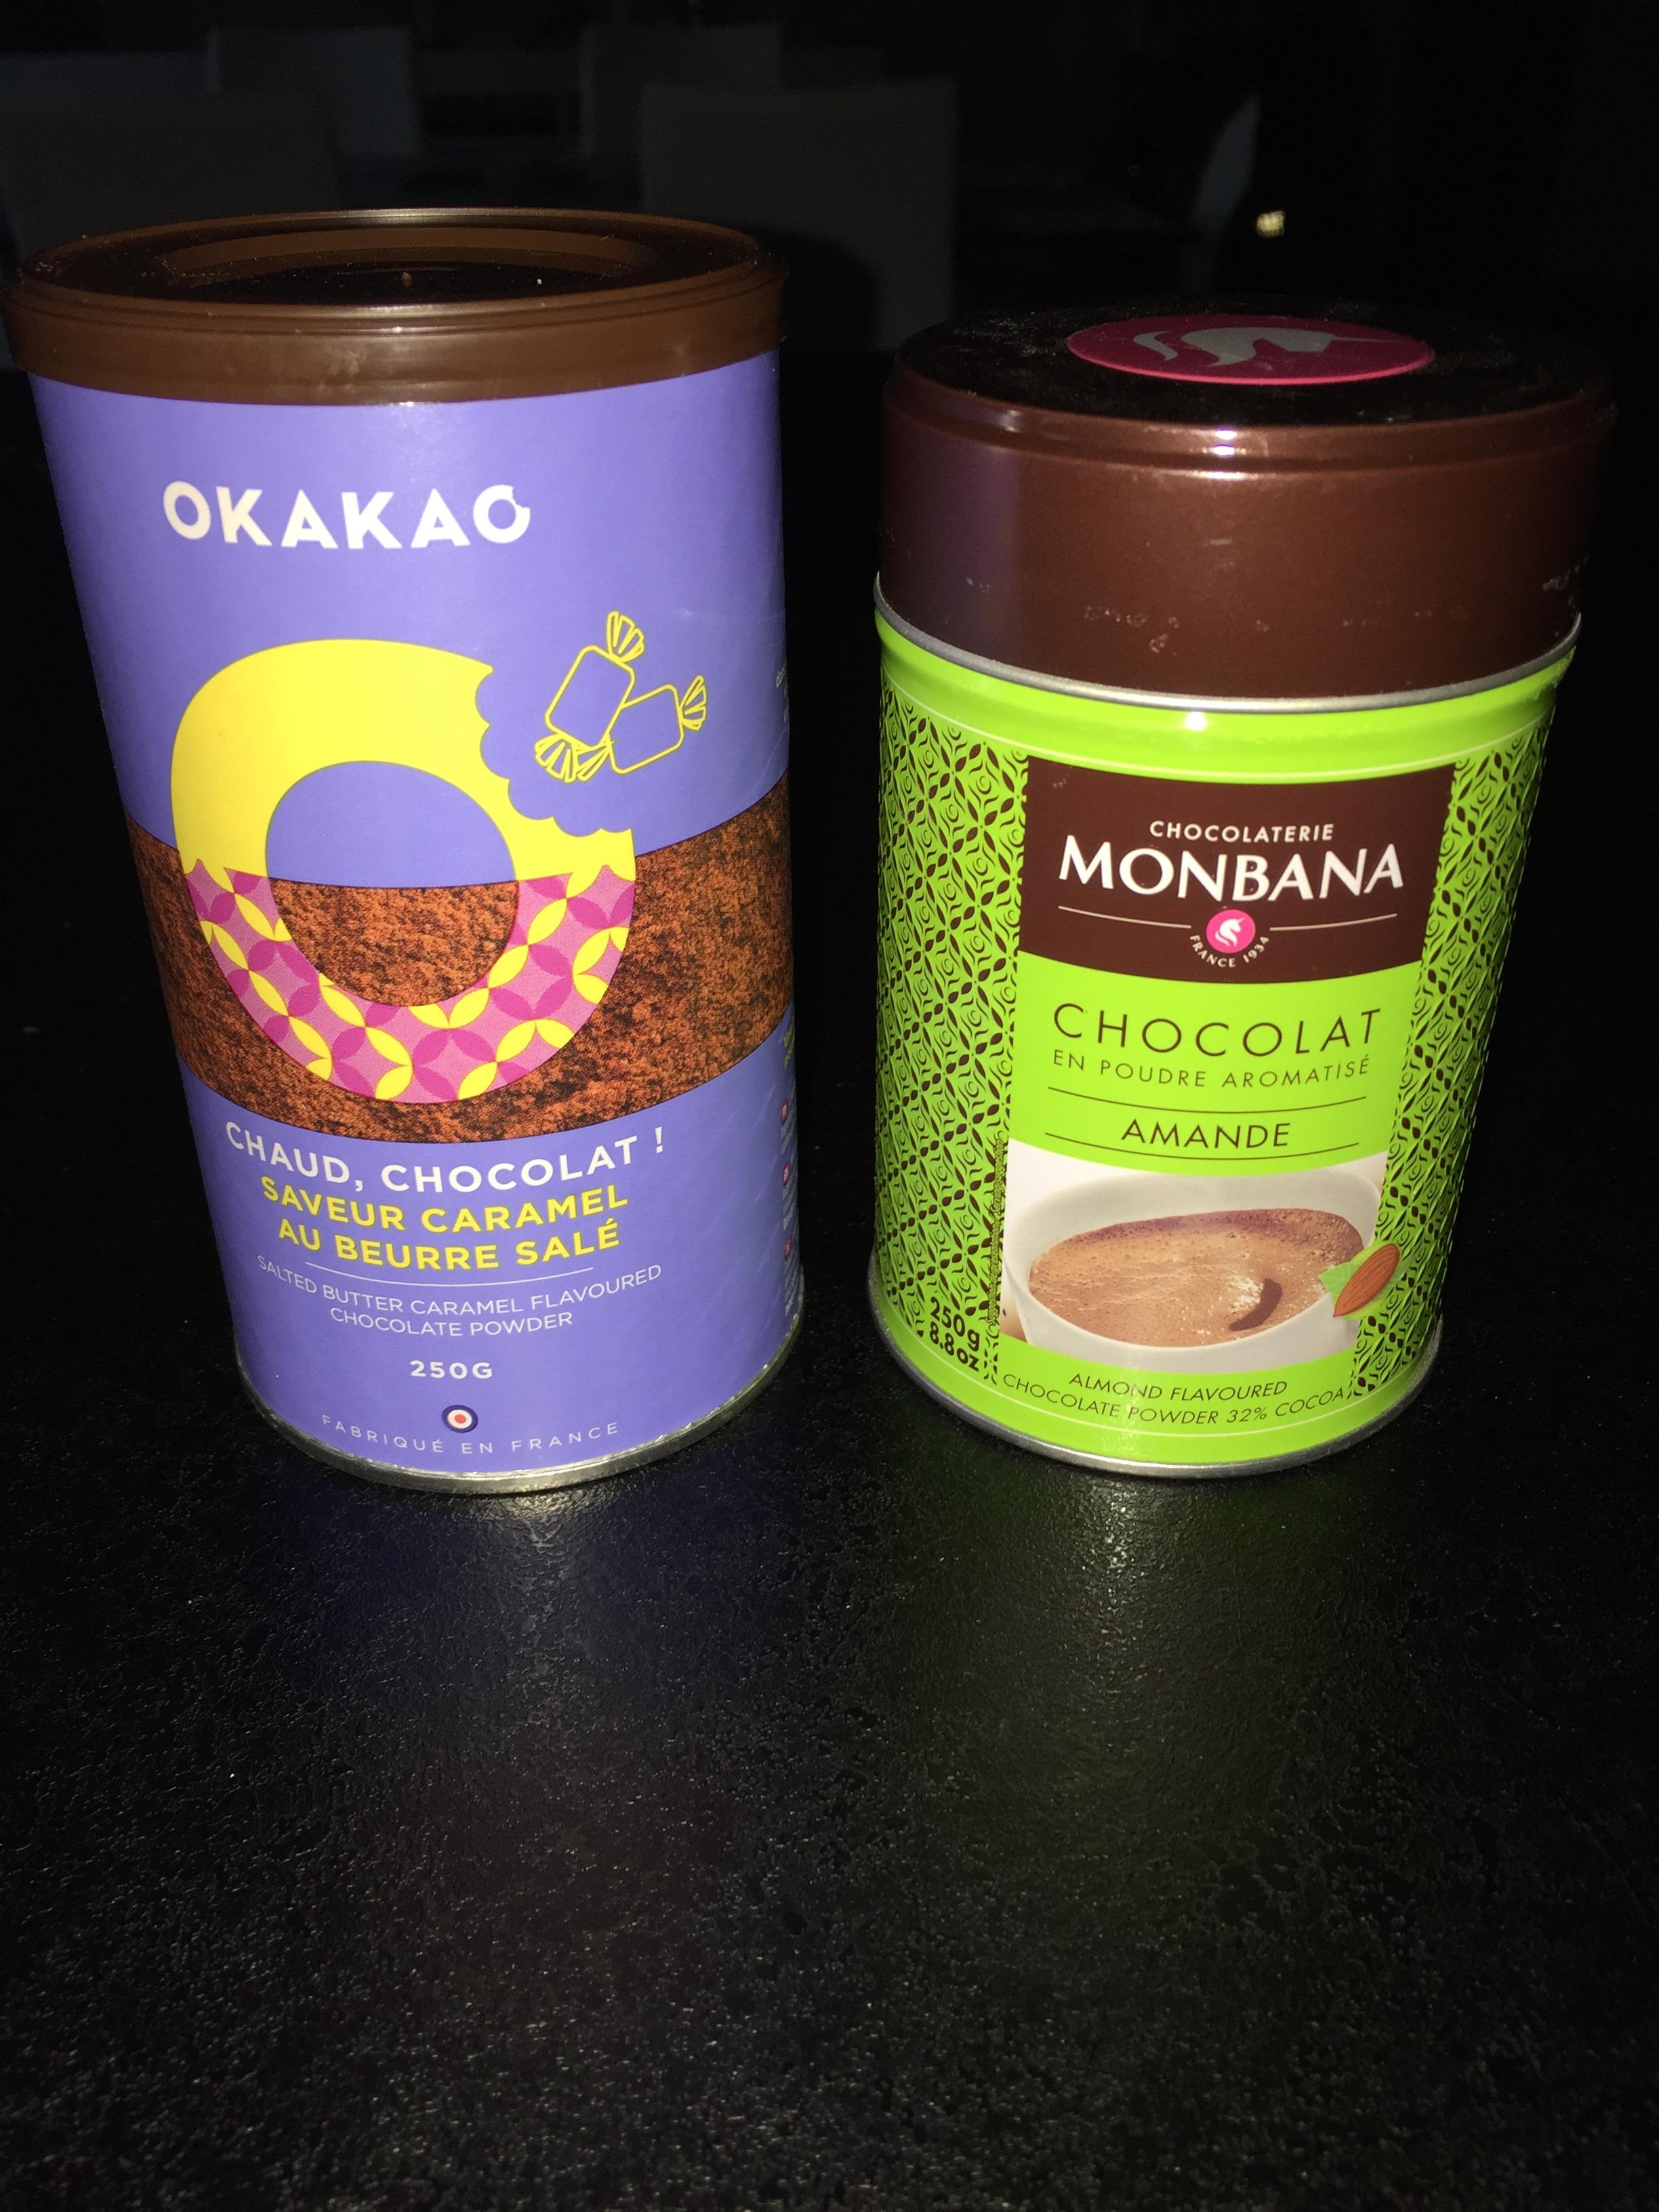 J'ai testé pour vous le Chocolat caramel au beurre salé et chocolat amande